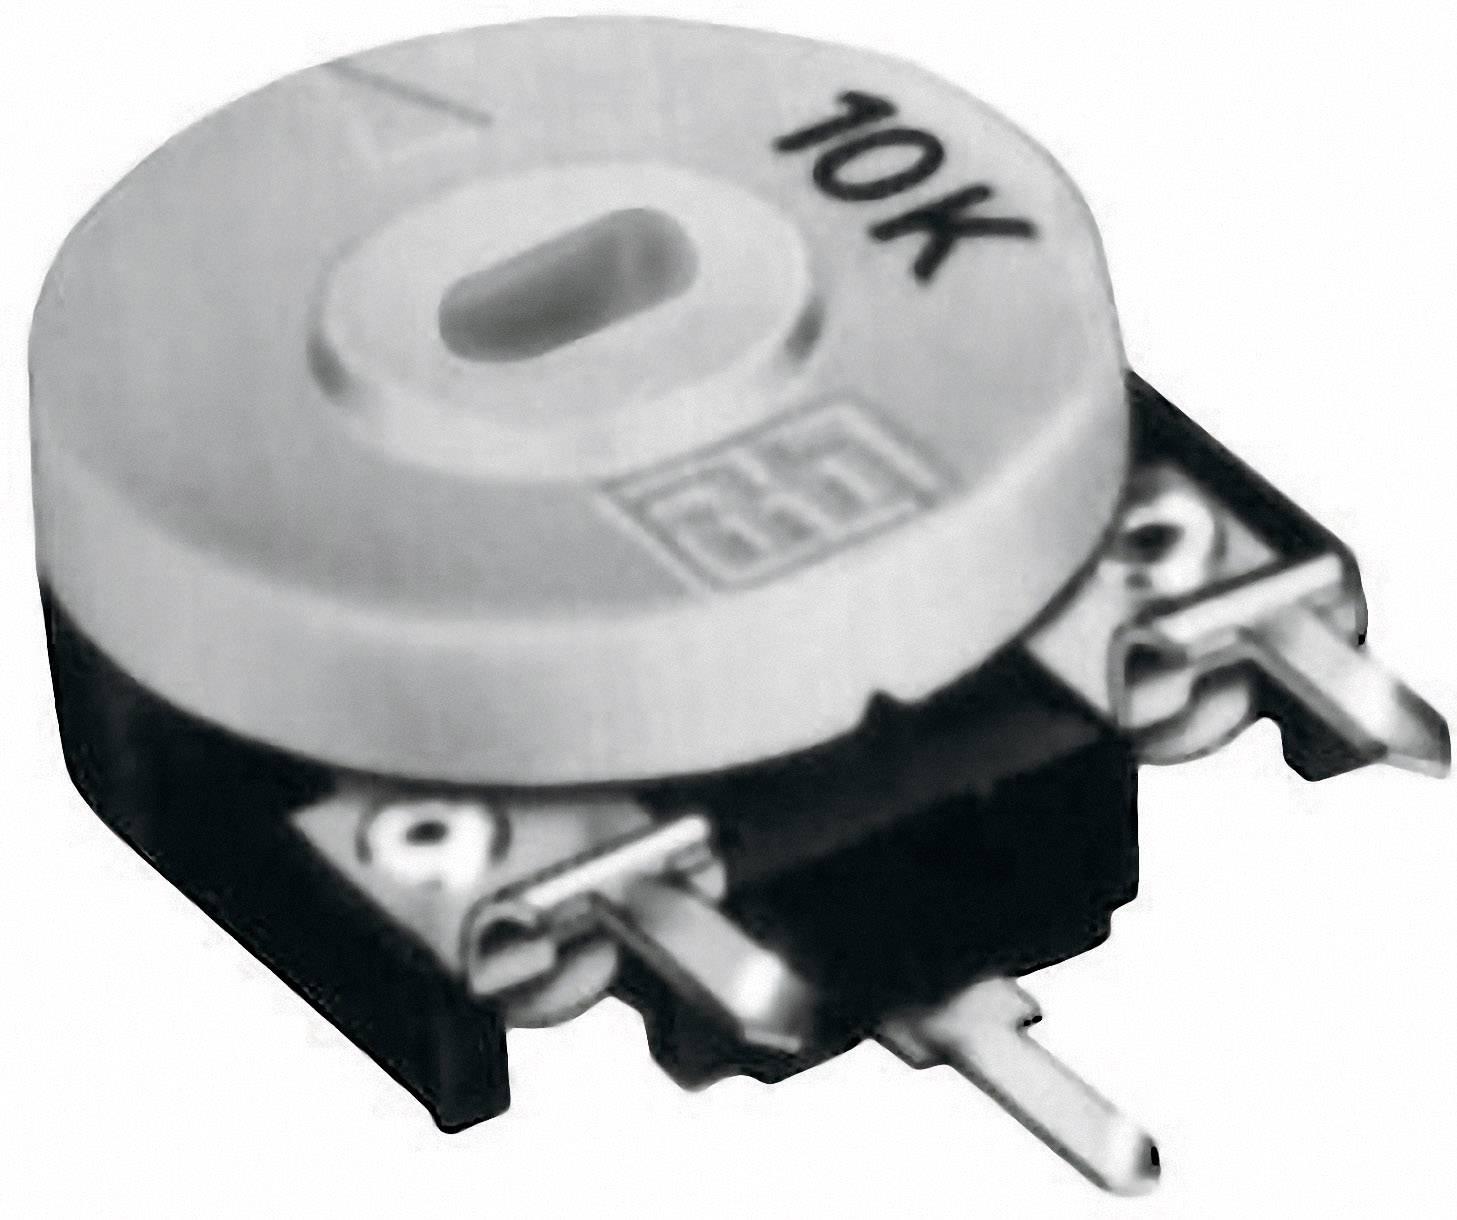 Uhlíkový trimr TT Electro, 21552805, 22 kΩ, 0,15 W, ± 20 %